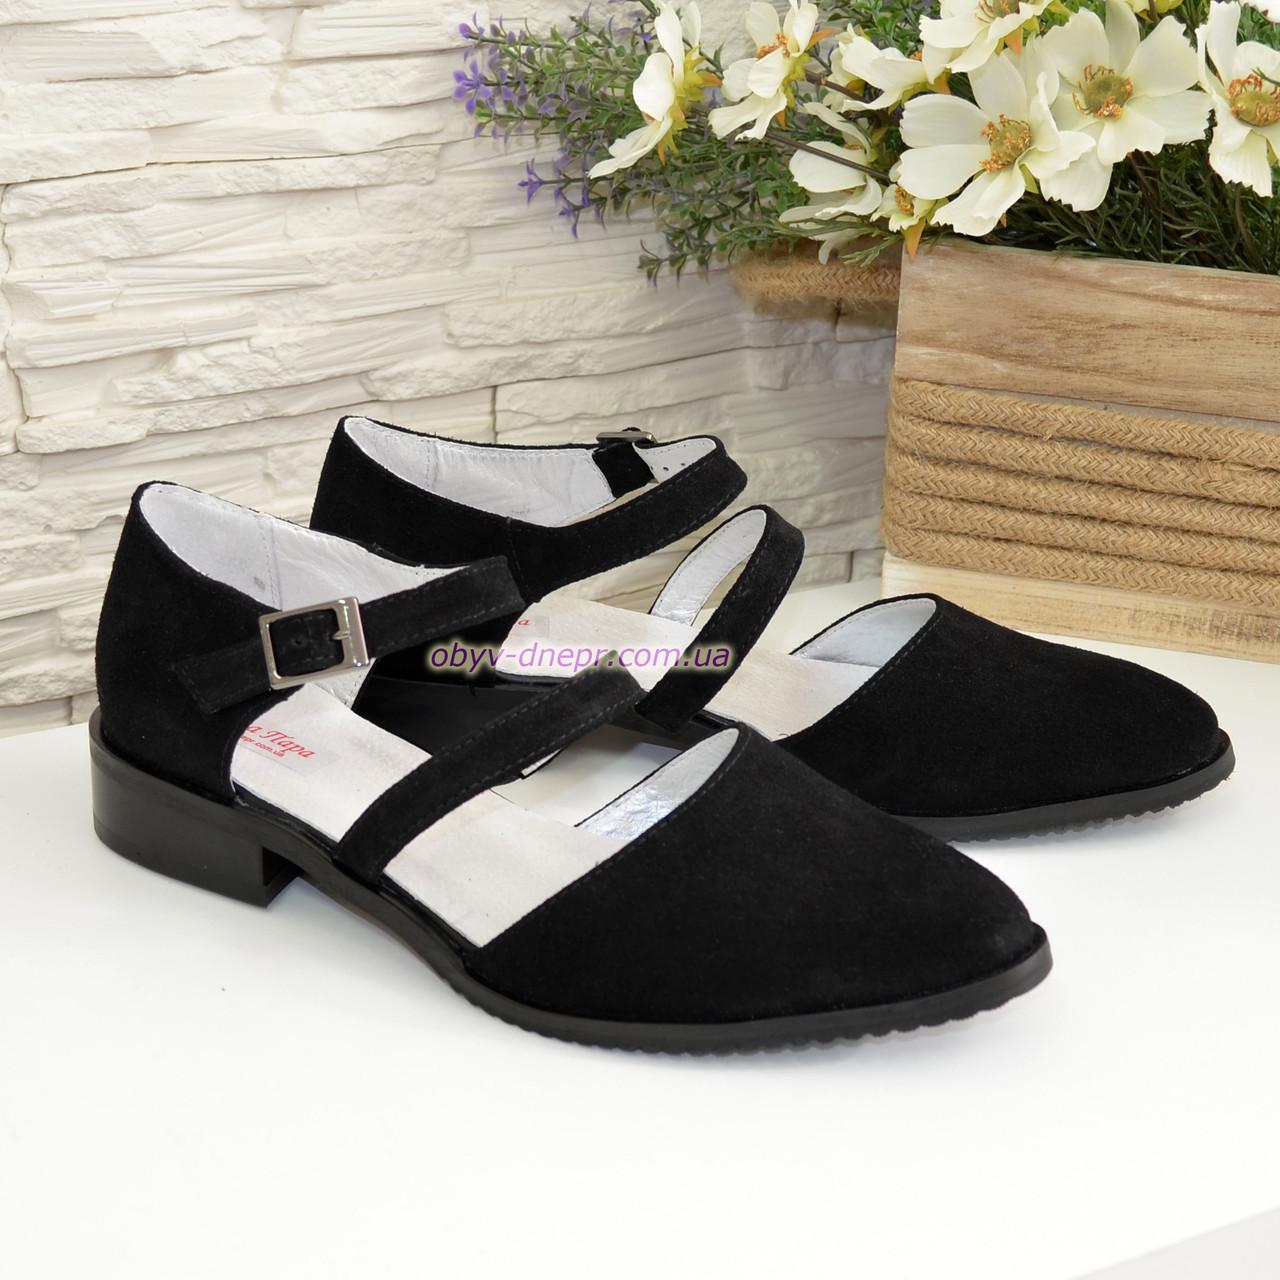 Женские замшевые туфли на низком ходу, цвет черный